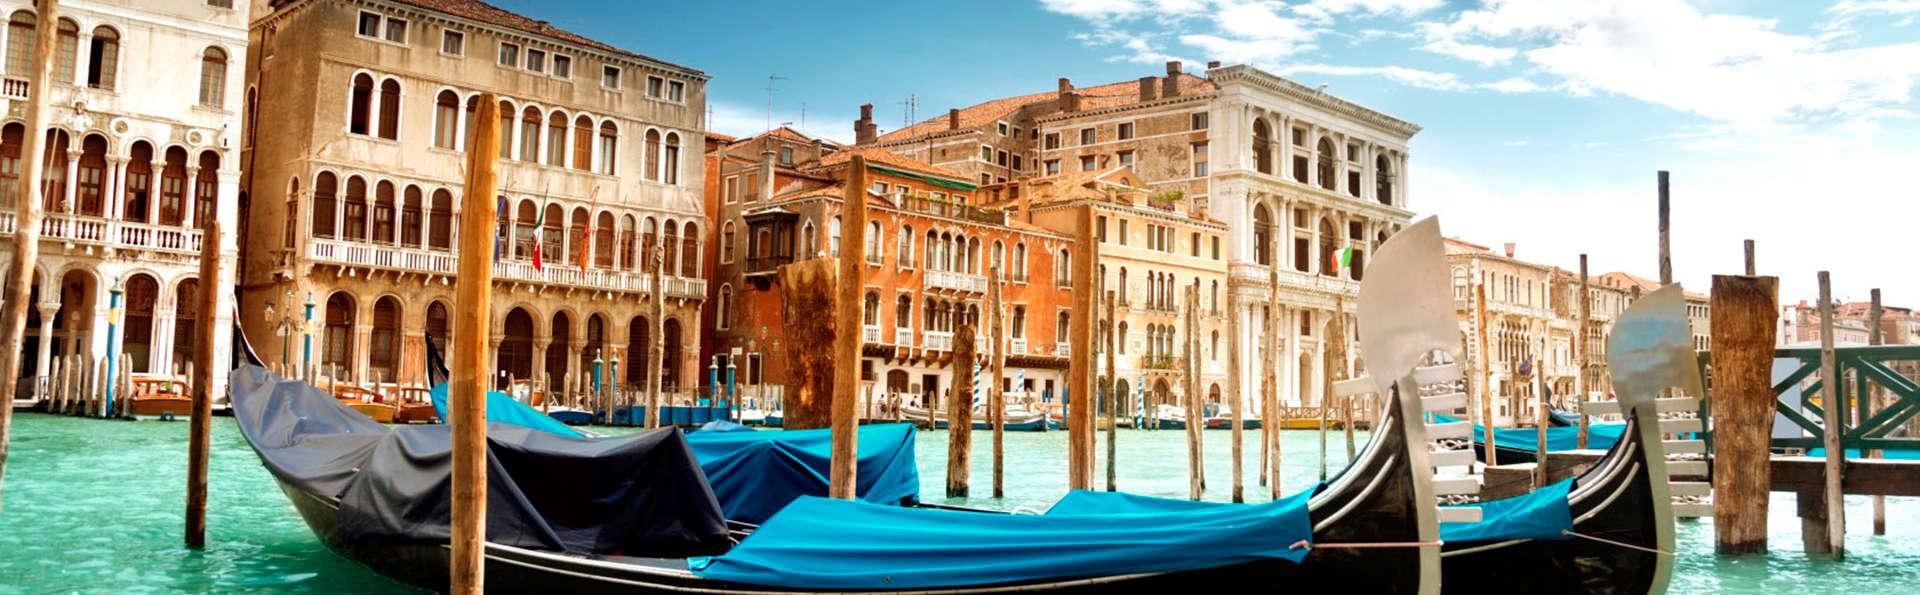 Disfruta muy cerca de Venecia, con city tour en góndola (desde 2 noches)